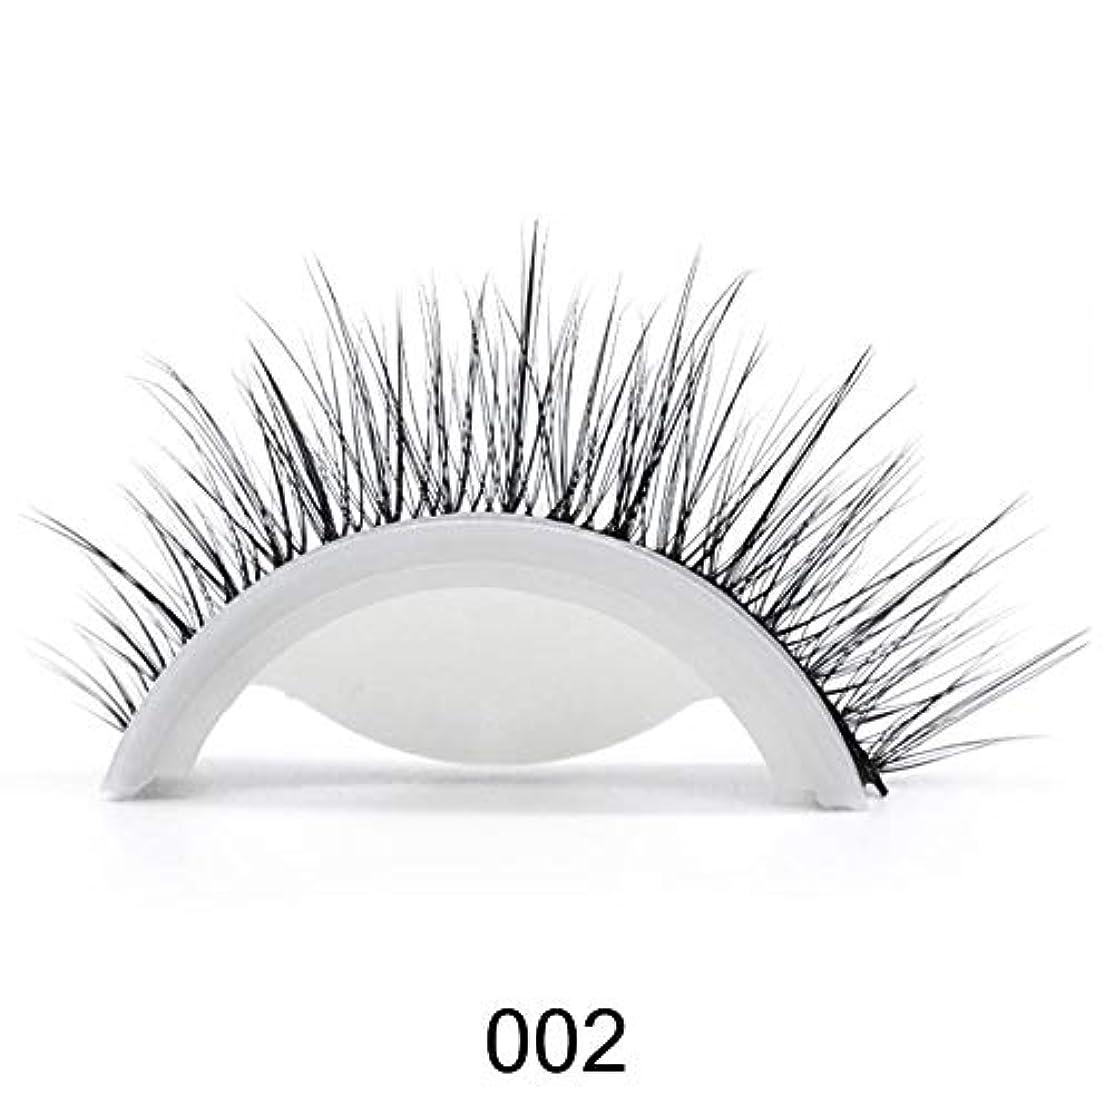 間接的化石油Viugreum つけまつげ つけまつ毛 上まつげ 自 3D 極薄 濃密 超軽量 軽量 つけまつ 接着剤ない 手作り ふんわり 大人気 新作